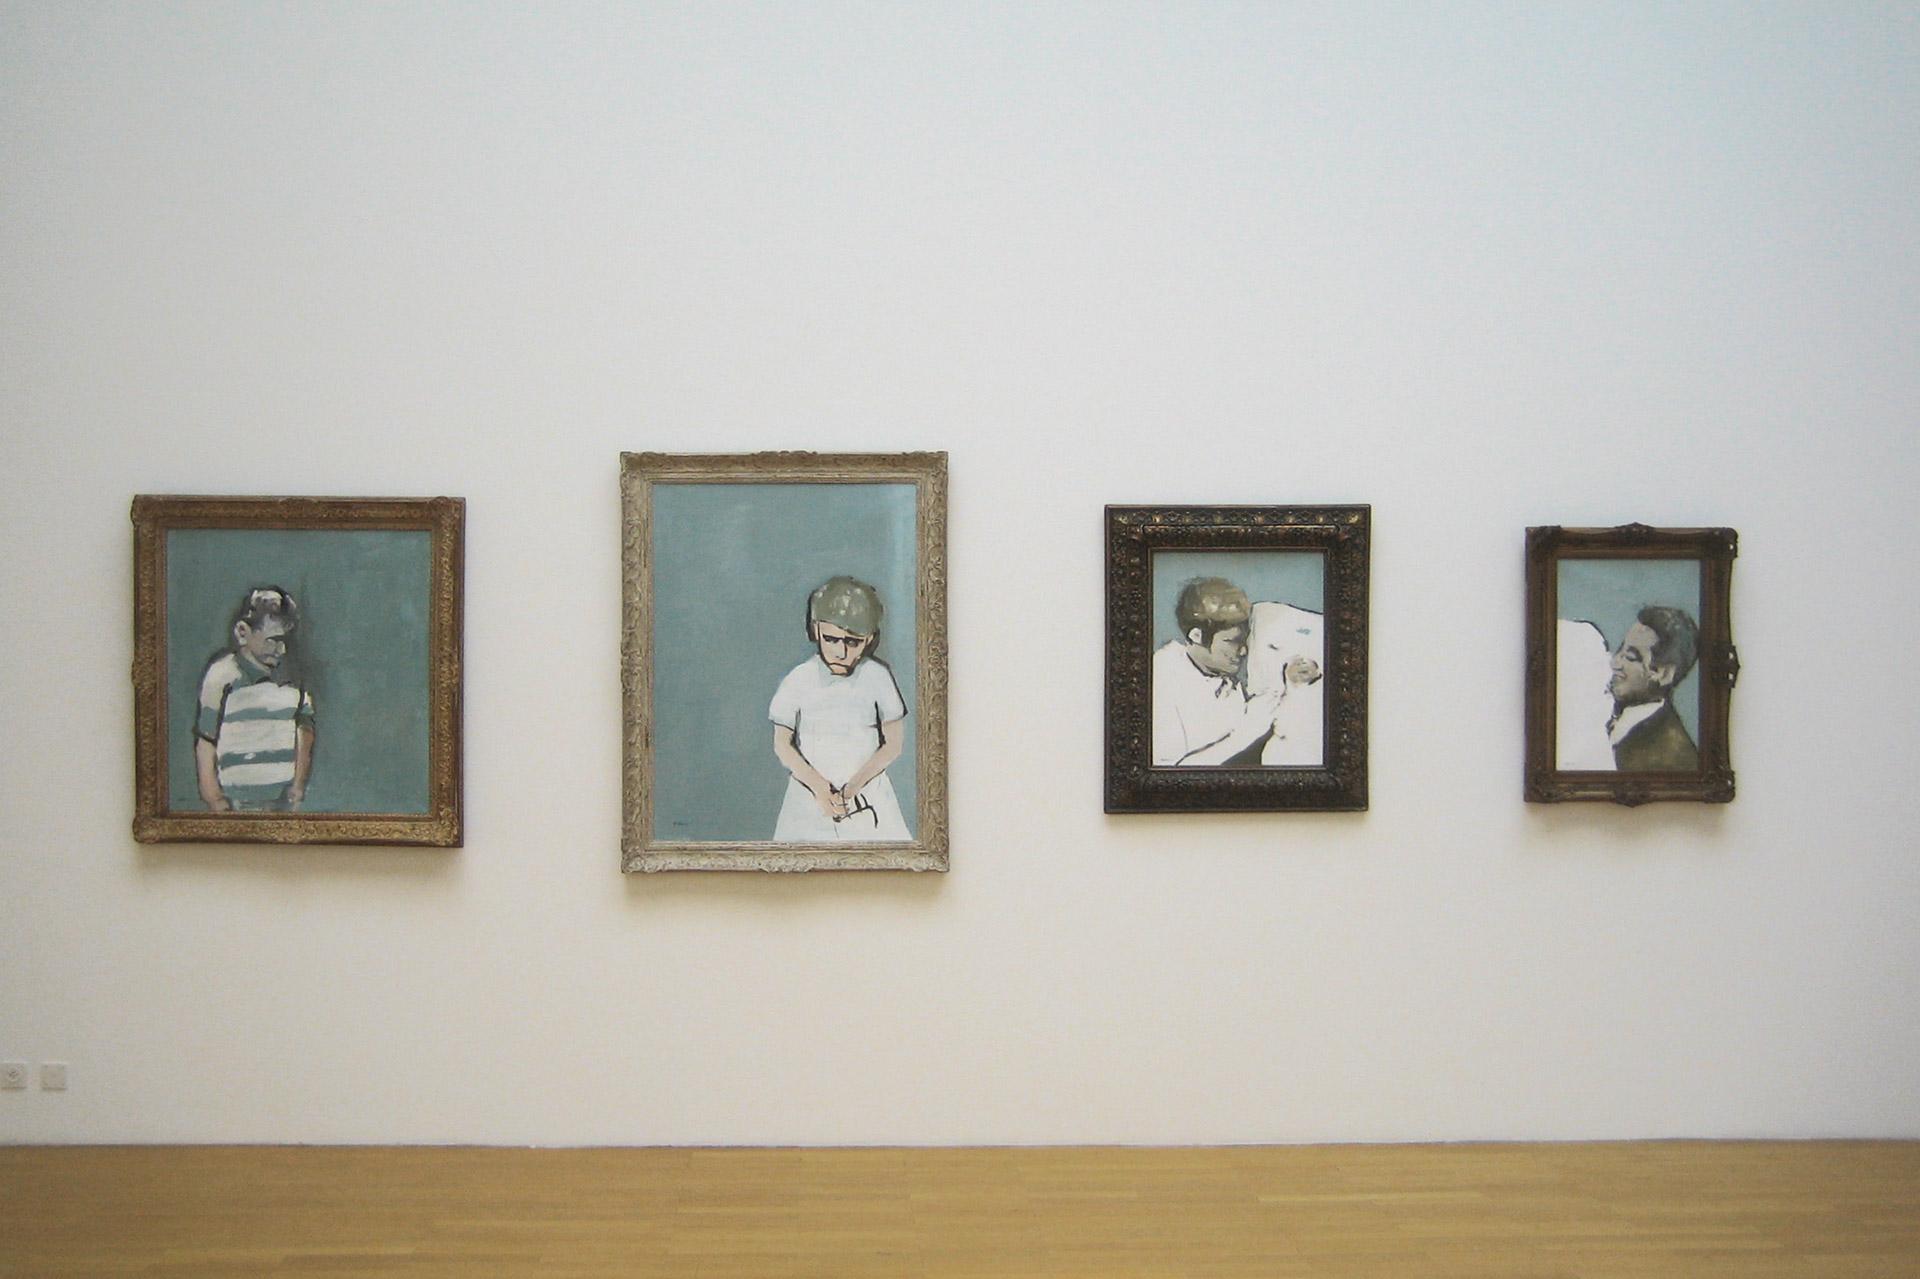 Nicola-Grabiele-Kunsthalle-Winterthur-2008-3.jpg